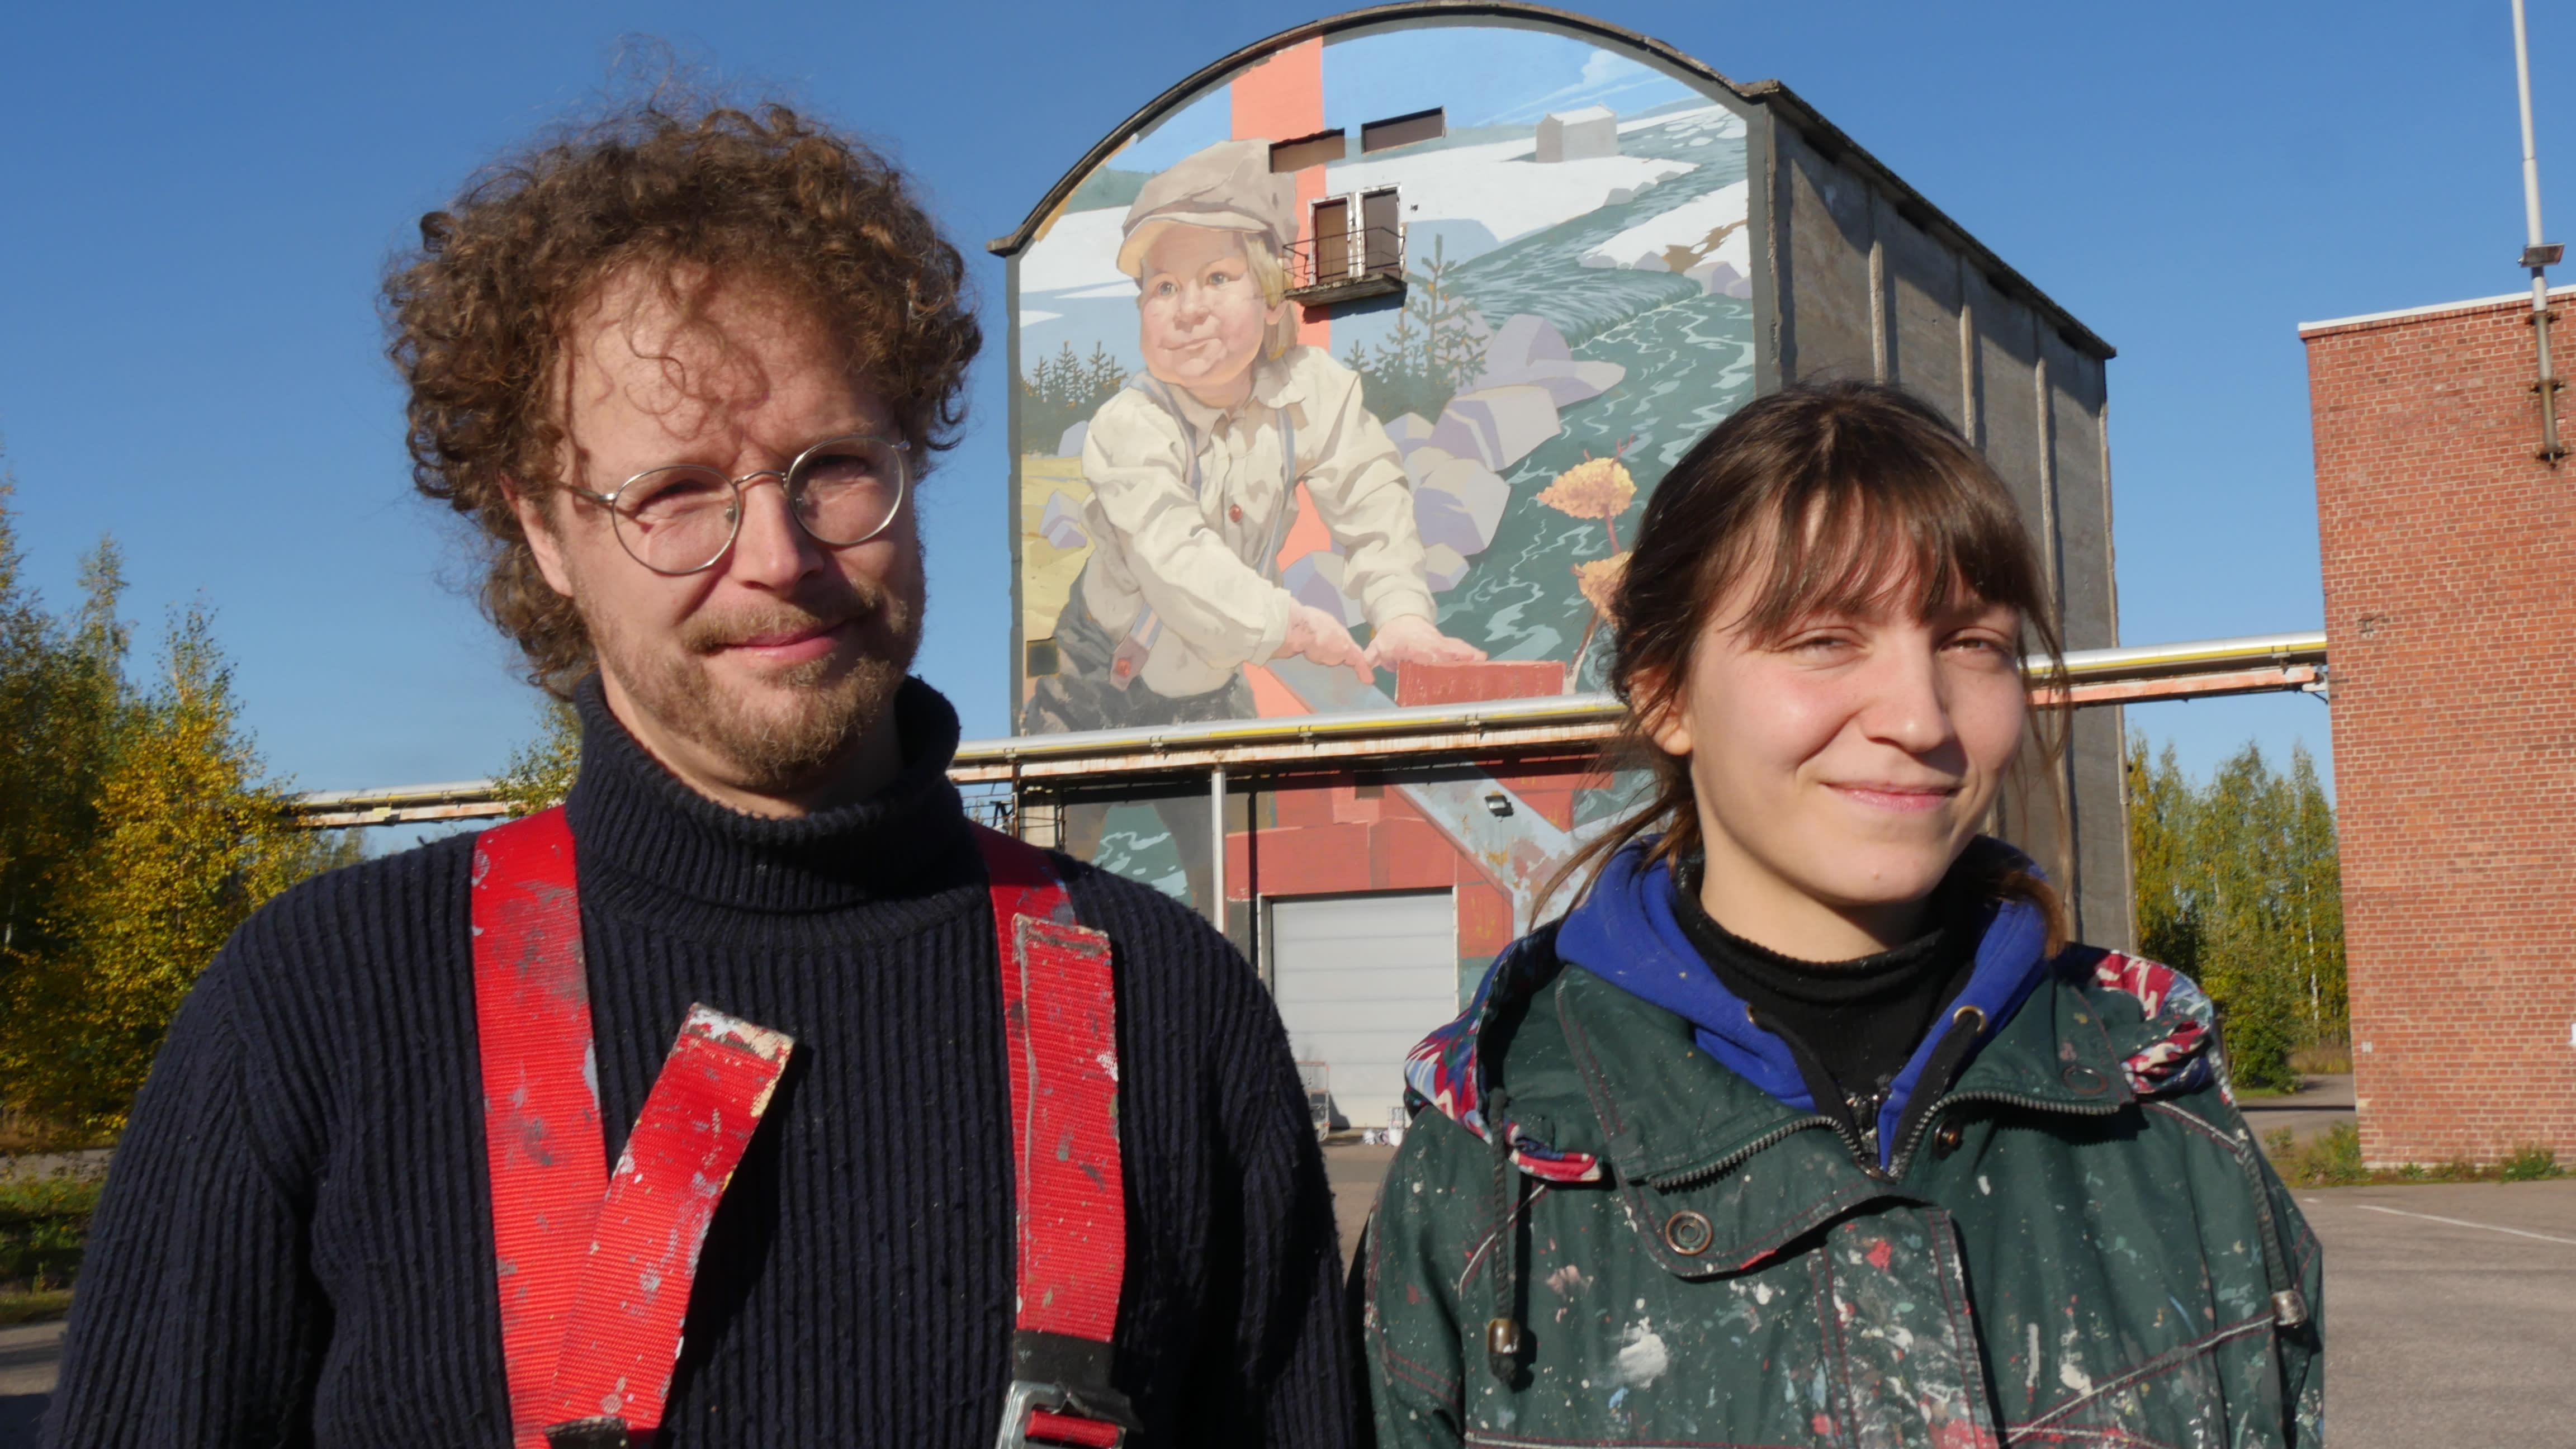 Valtava muraali valmistui Kuusankoskelle - taiteilijat muuttivat työn ajaksi Kymijoen varteen